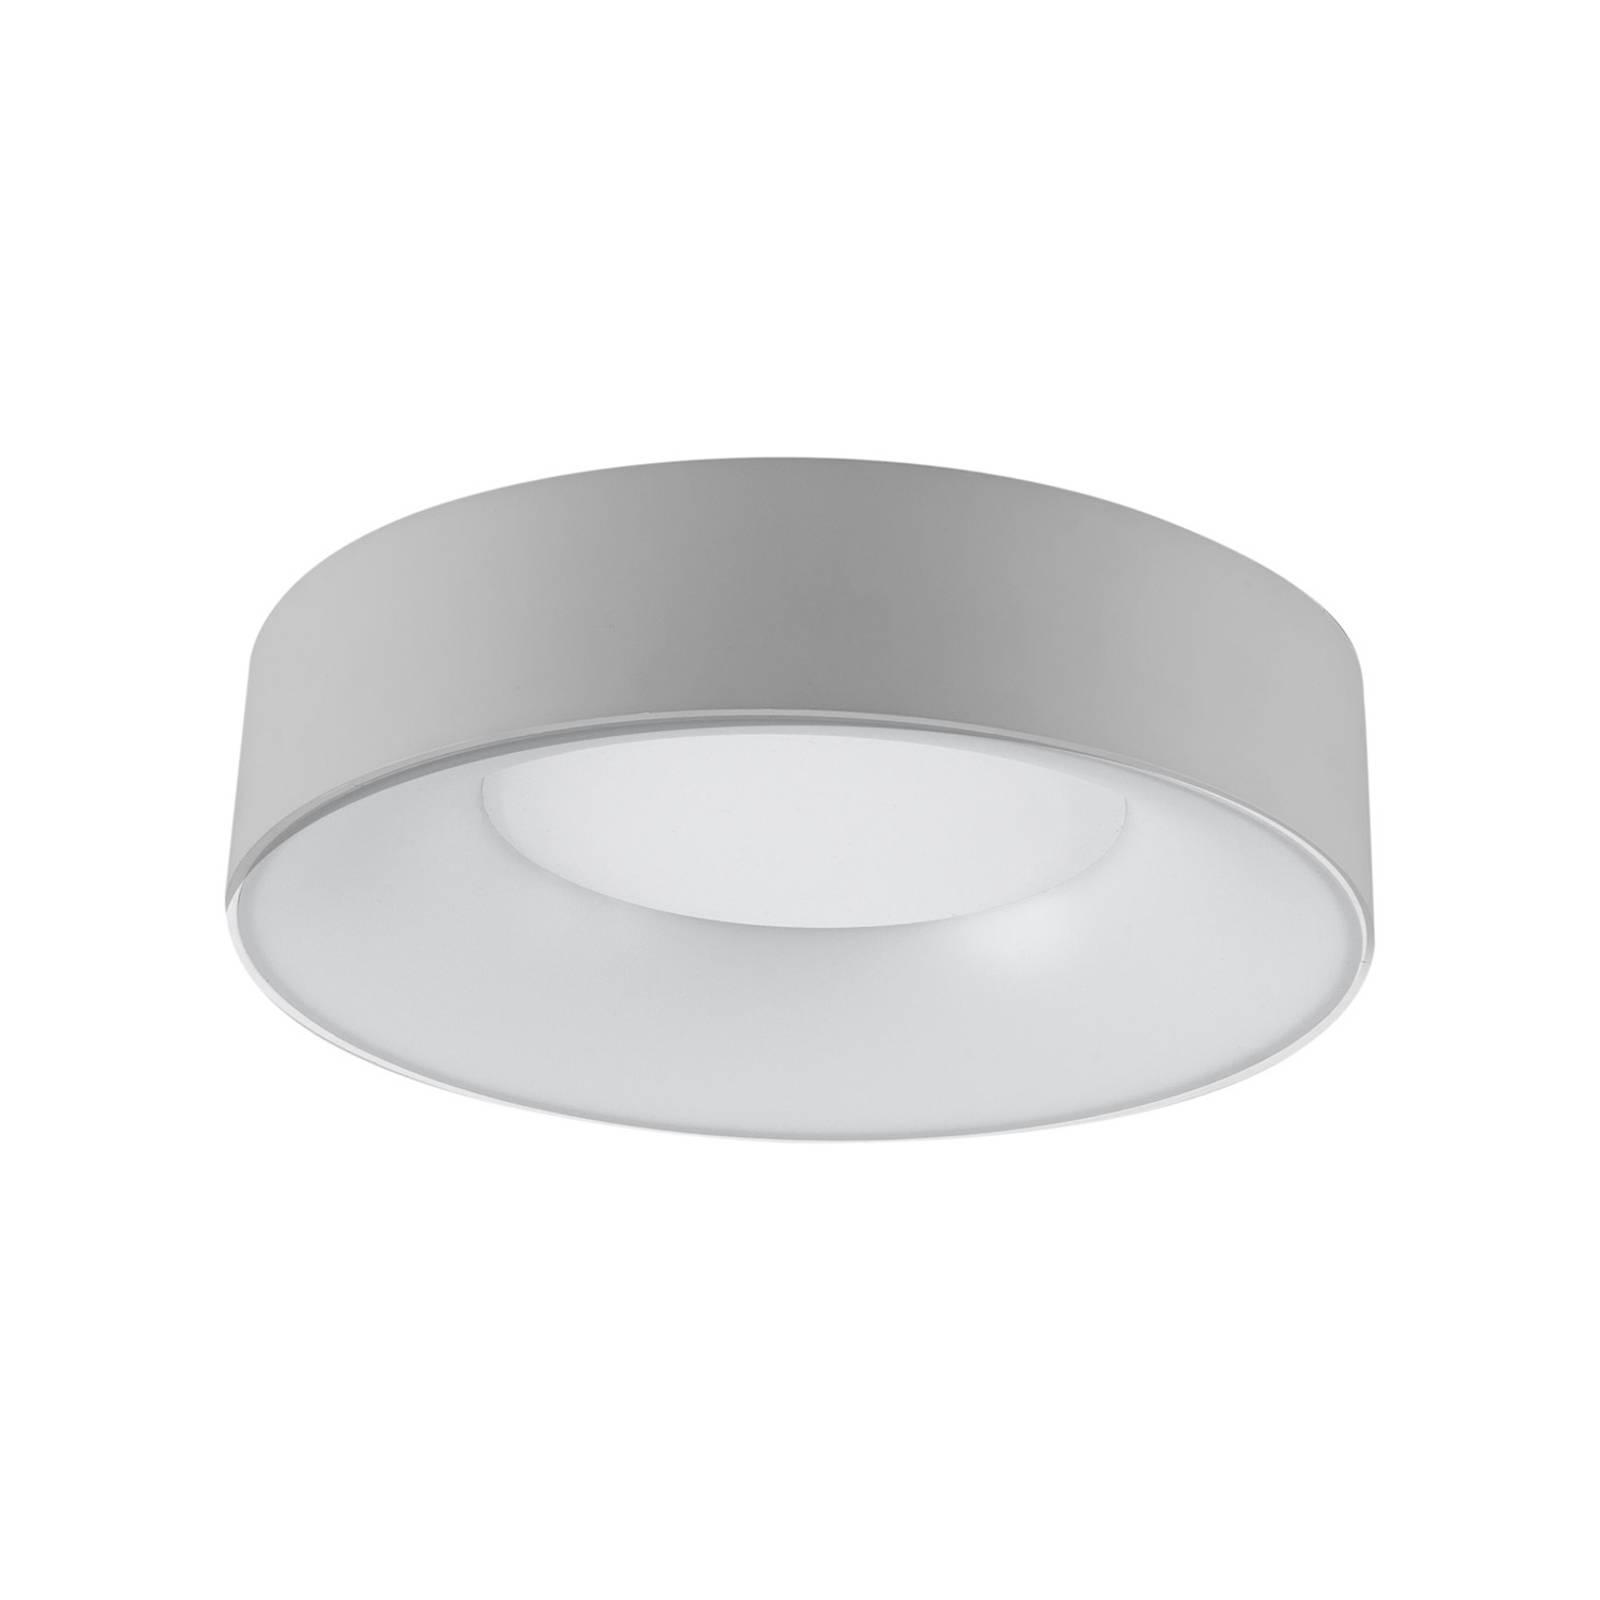 LED-Deckenleuchte R30, Ø 30 cm, silber